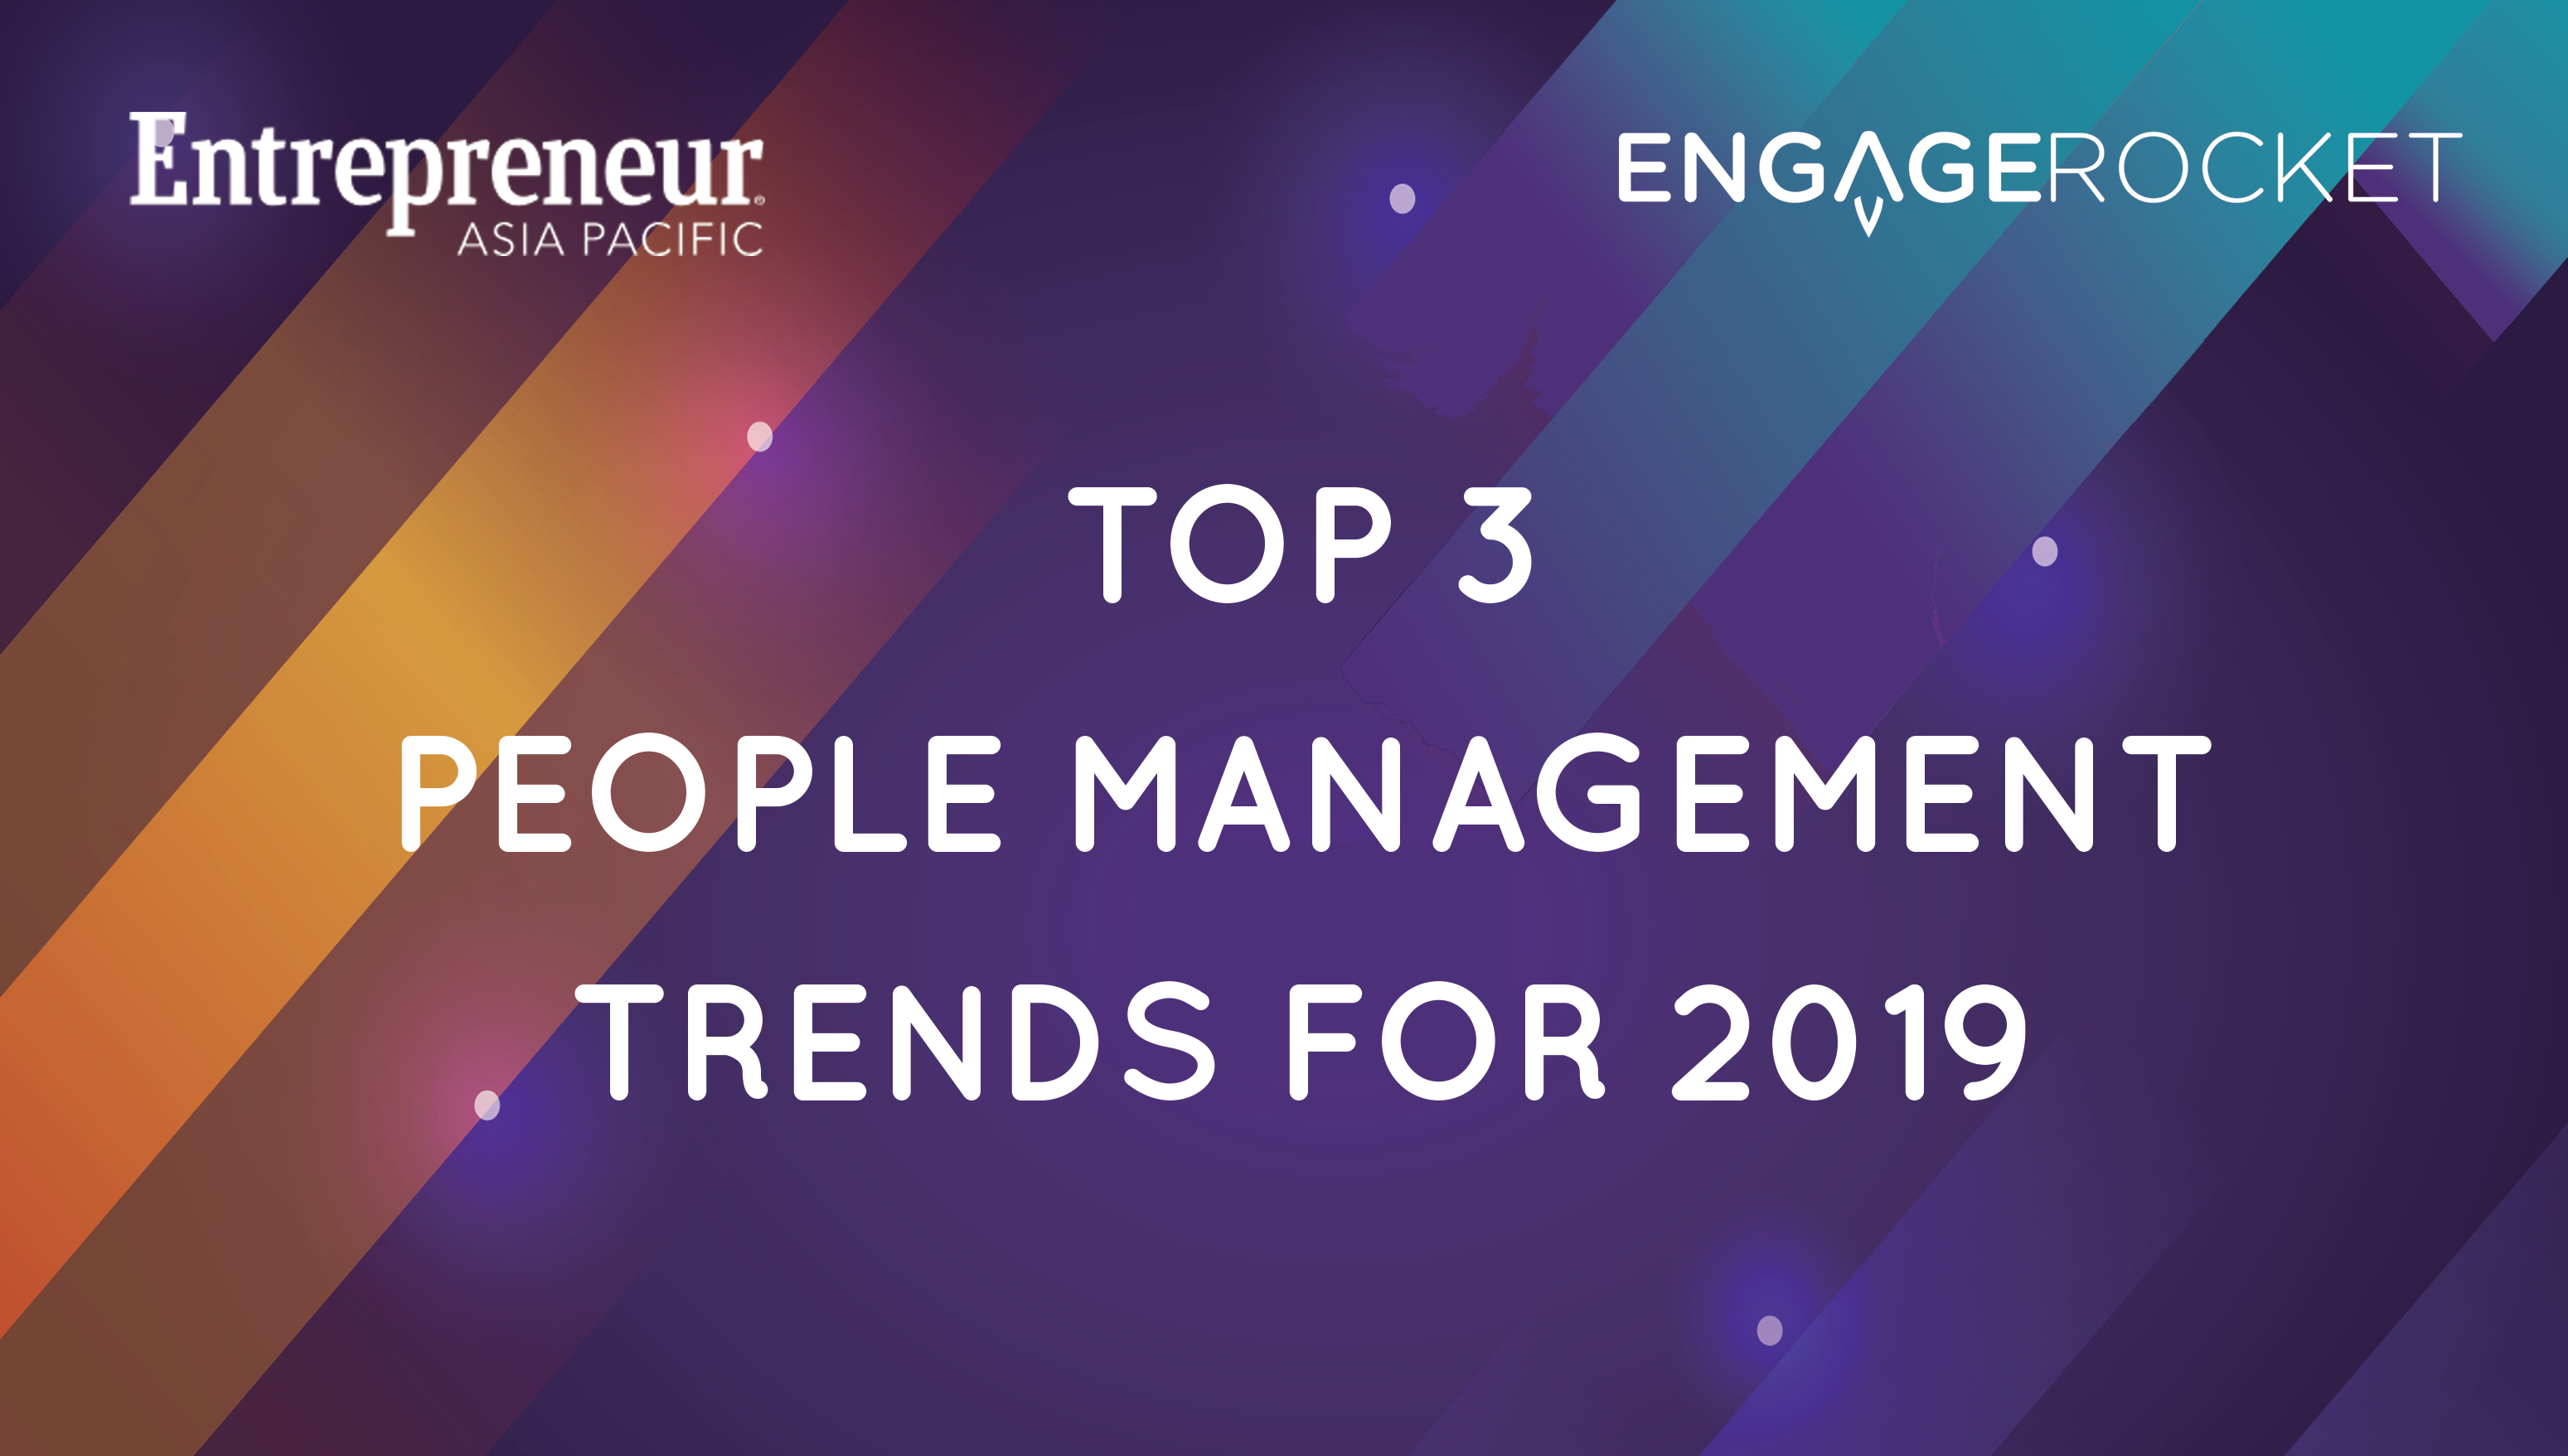 top3 trends